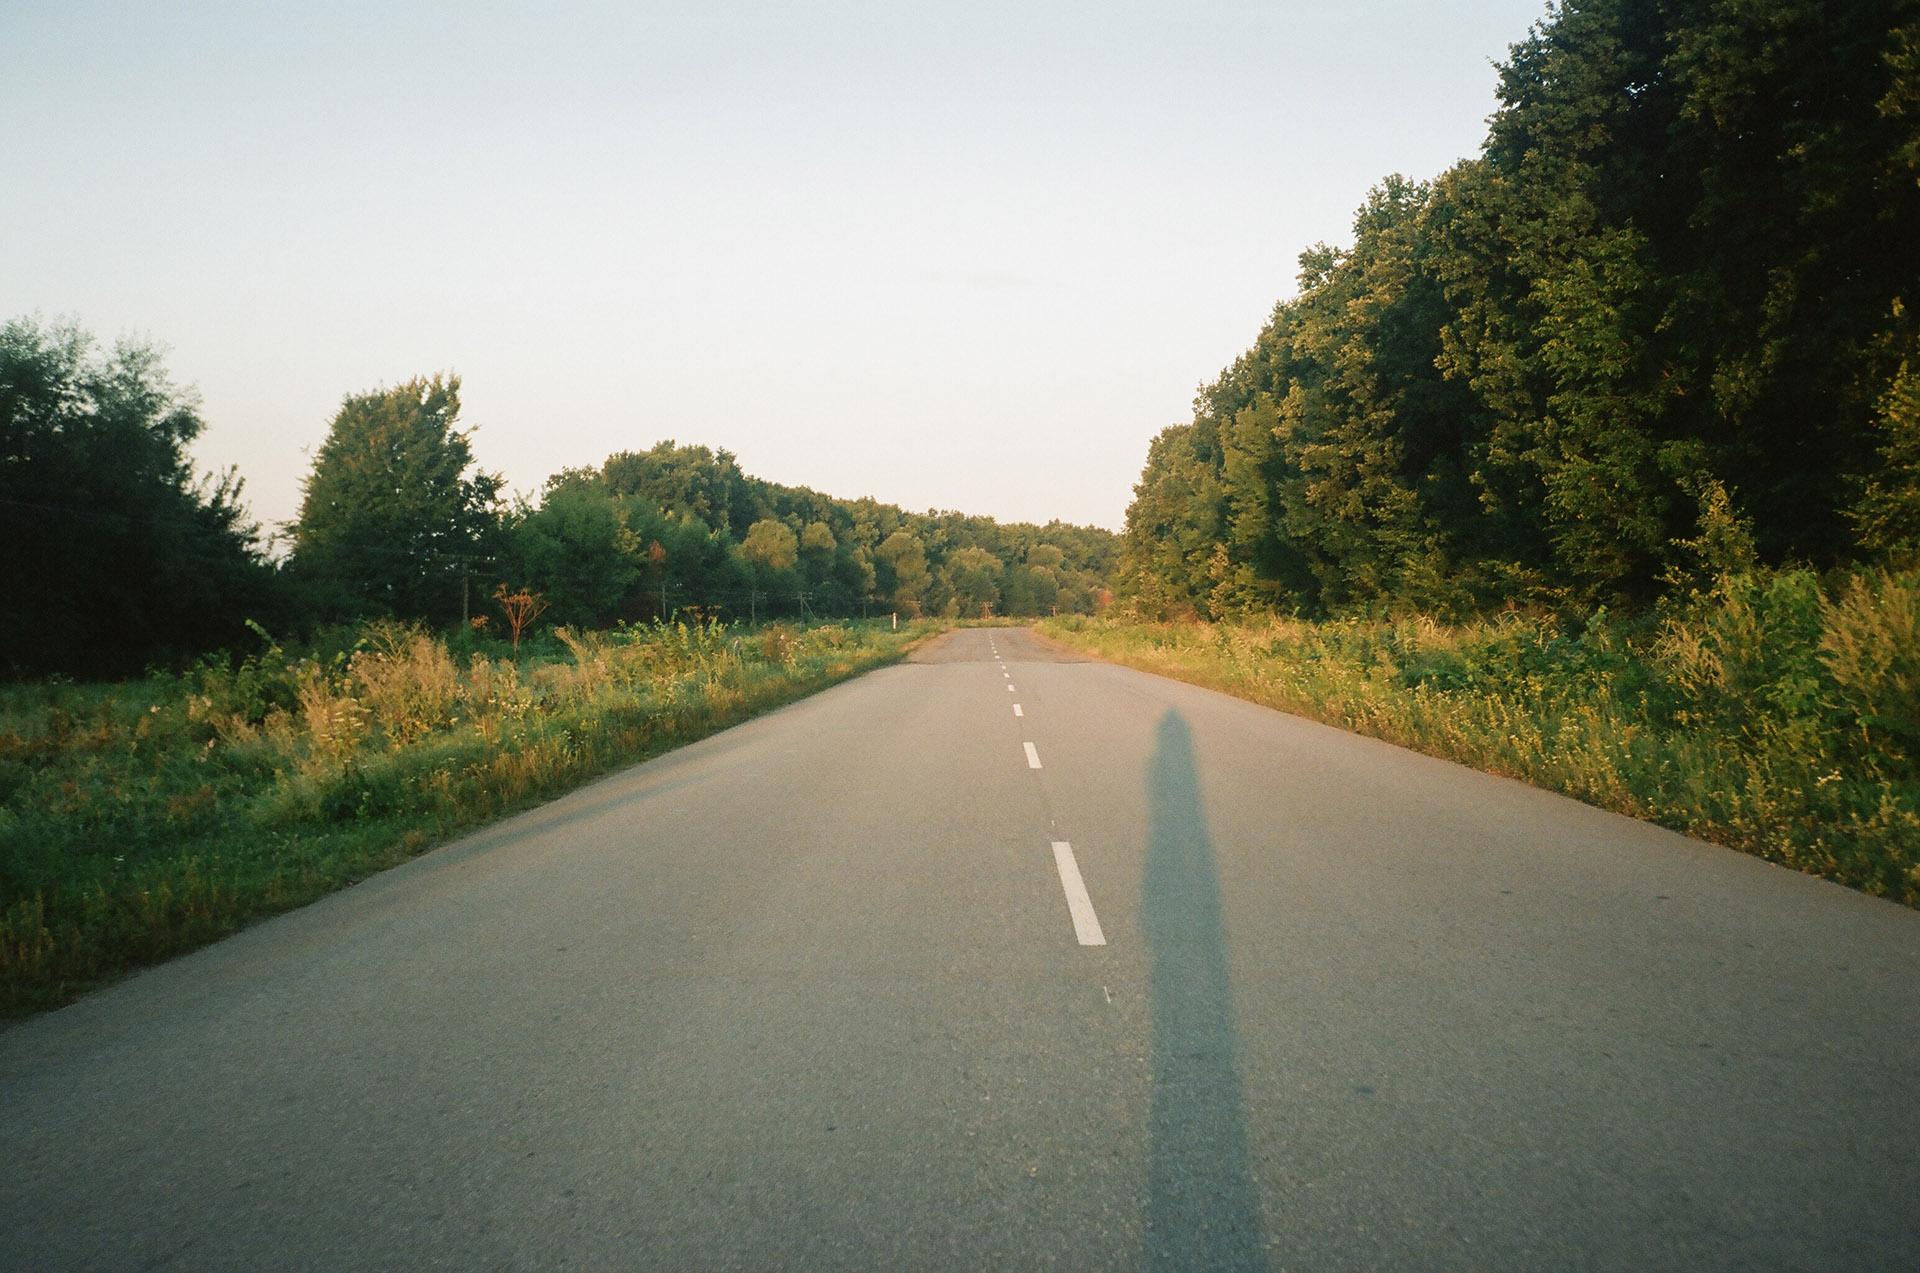 Шлях з деревами на стороні дороги